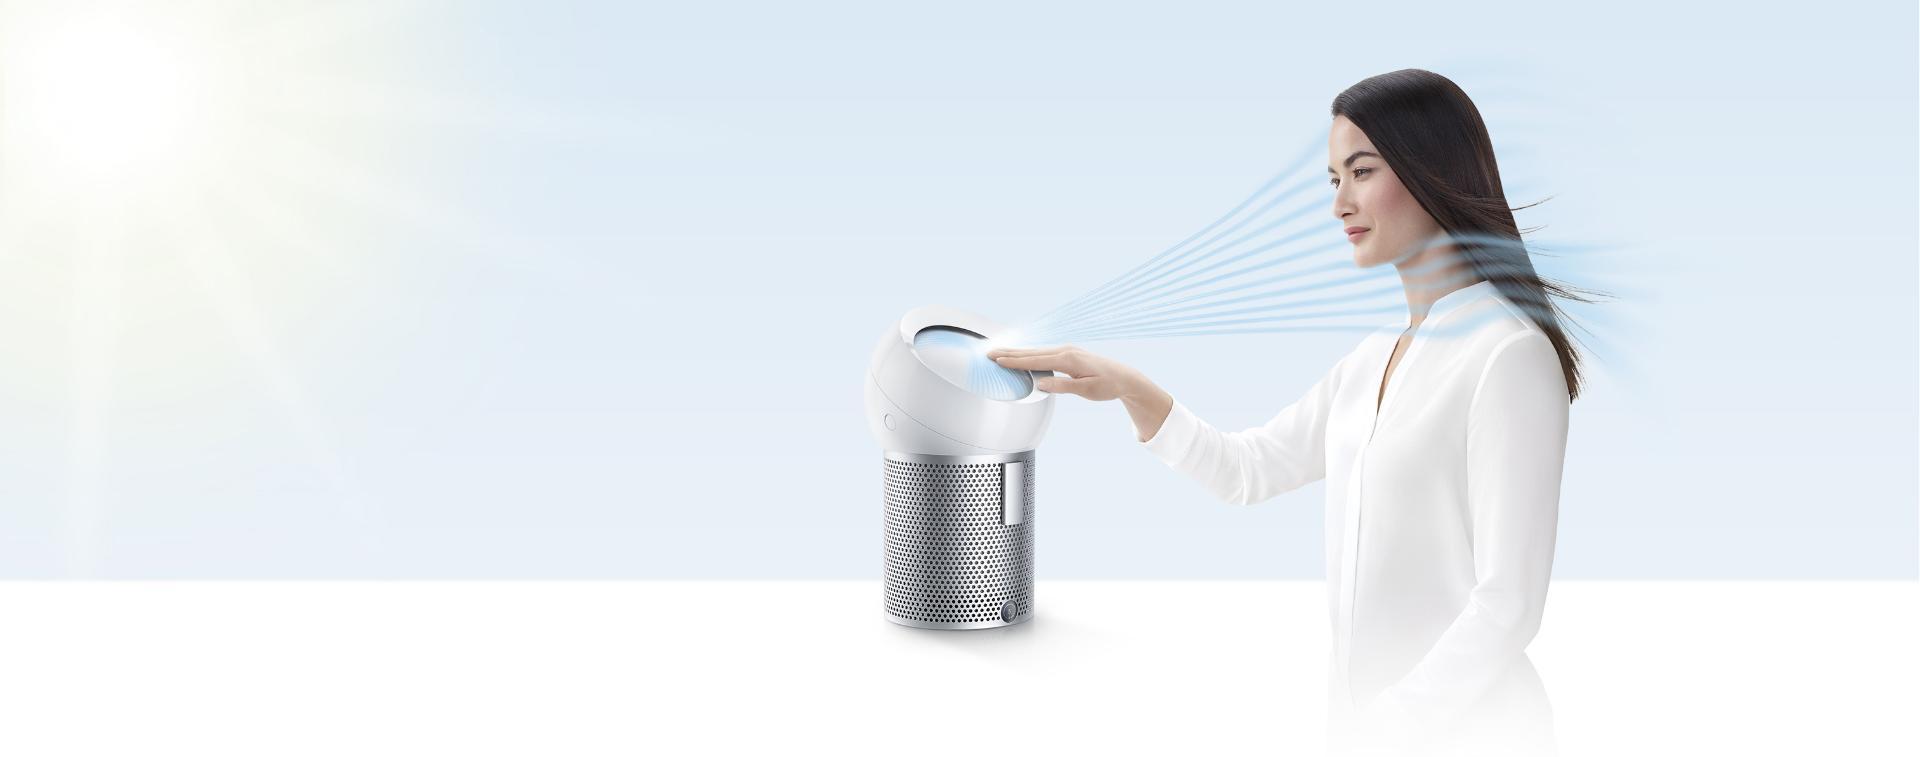 다이슨 퓨어 쿨 미 퍼스널 공기청정기가 공기청정기로 더위를 이겨내는 여성